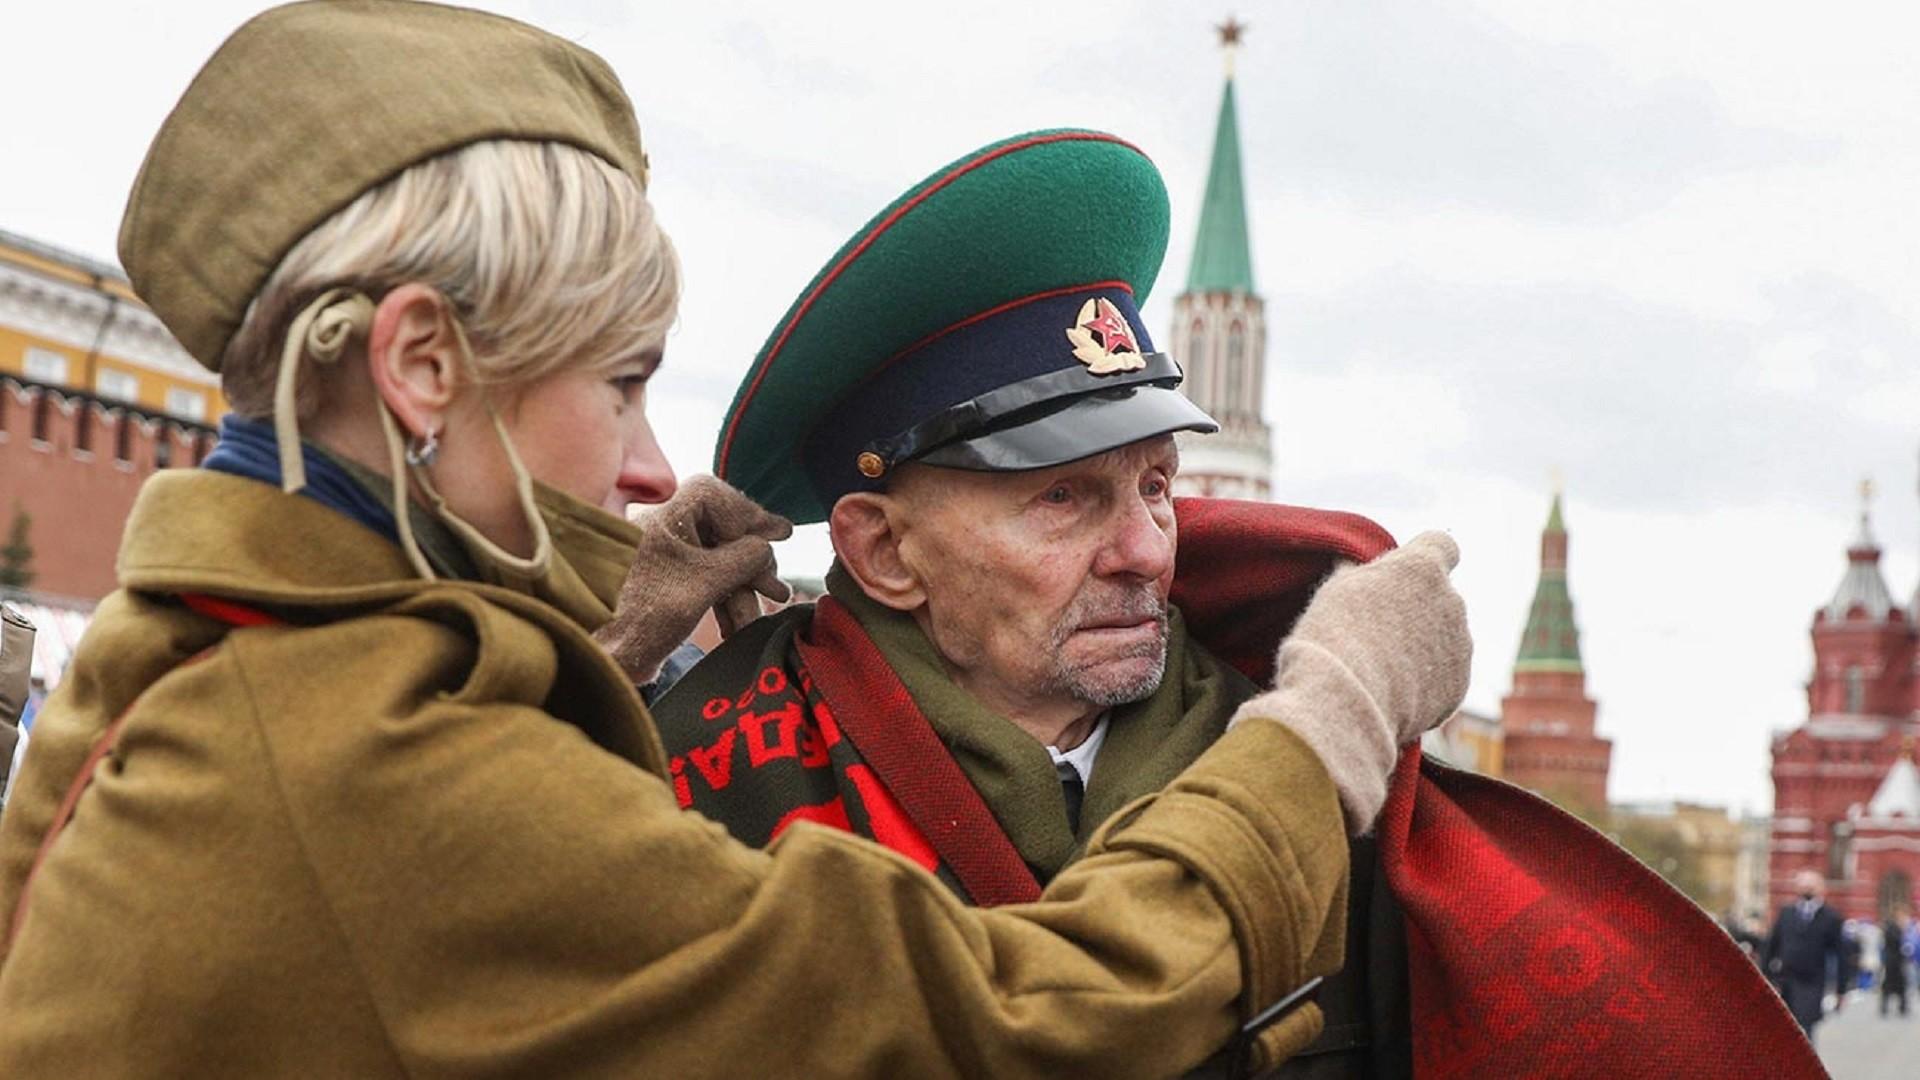 Un vétéran lors du défilé militaire sur la place Rouge dédié au 76e anniversaire de la Victoire dans la Seconde Guerre mondiale.